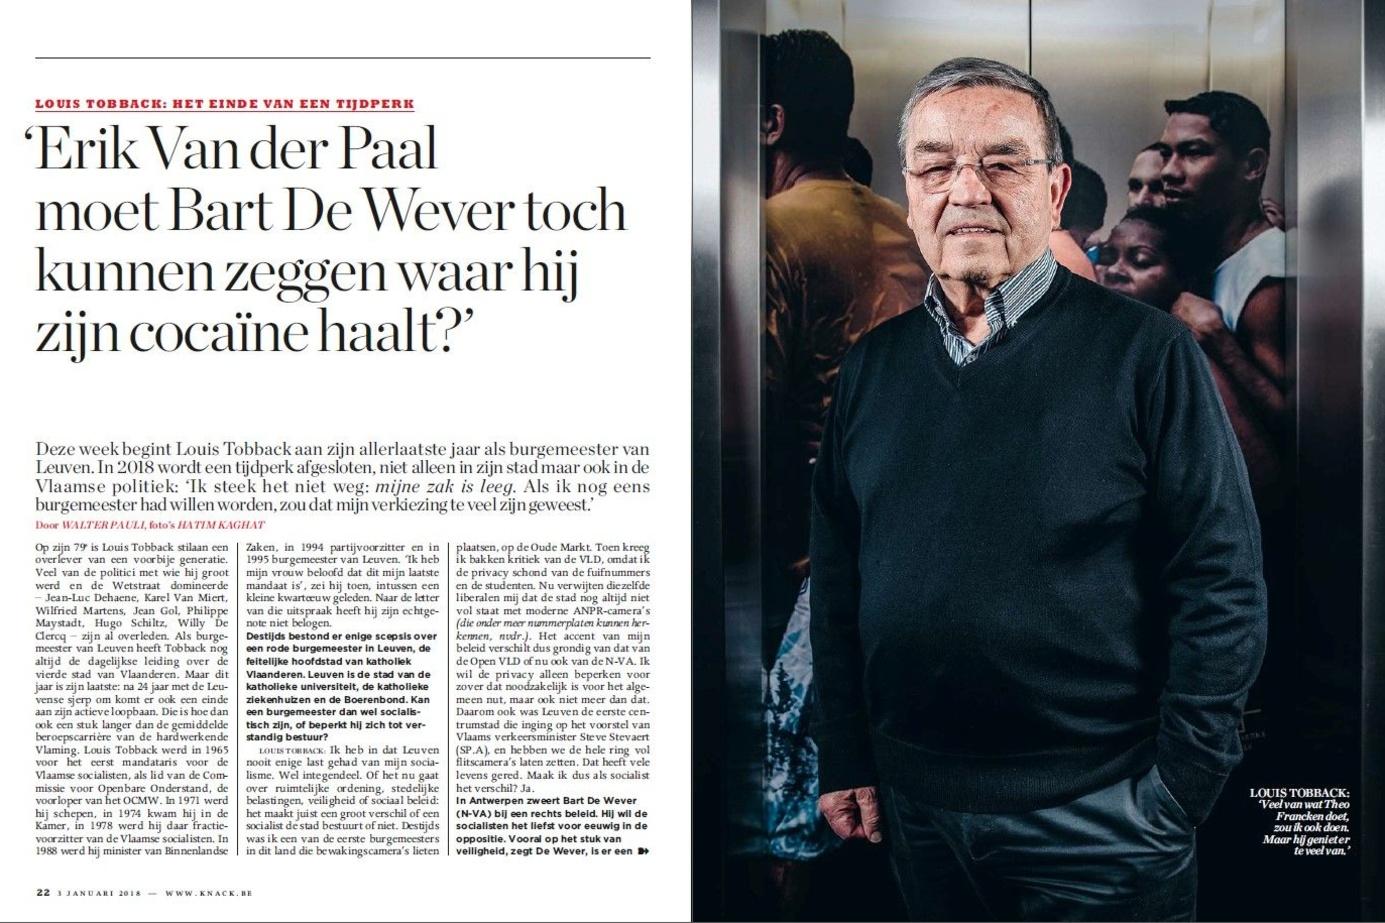 En janvier 2018, dans une interview à Knack, Louis Tobback (sp.a) attaque Bart De Wever et Erik Van der Paal à propos du trafic de cocaïne., .